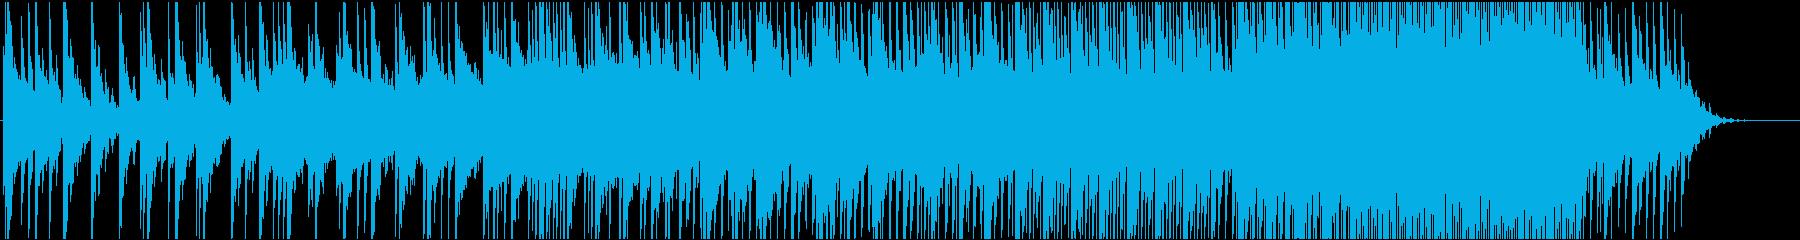 神秘的で温かみのある優しい雰囲気の曲ですの再生済みの波形